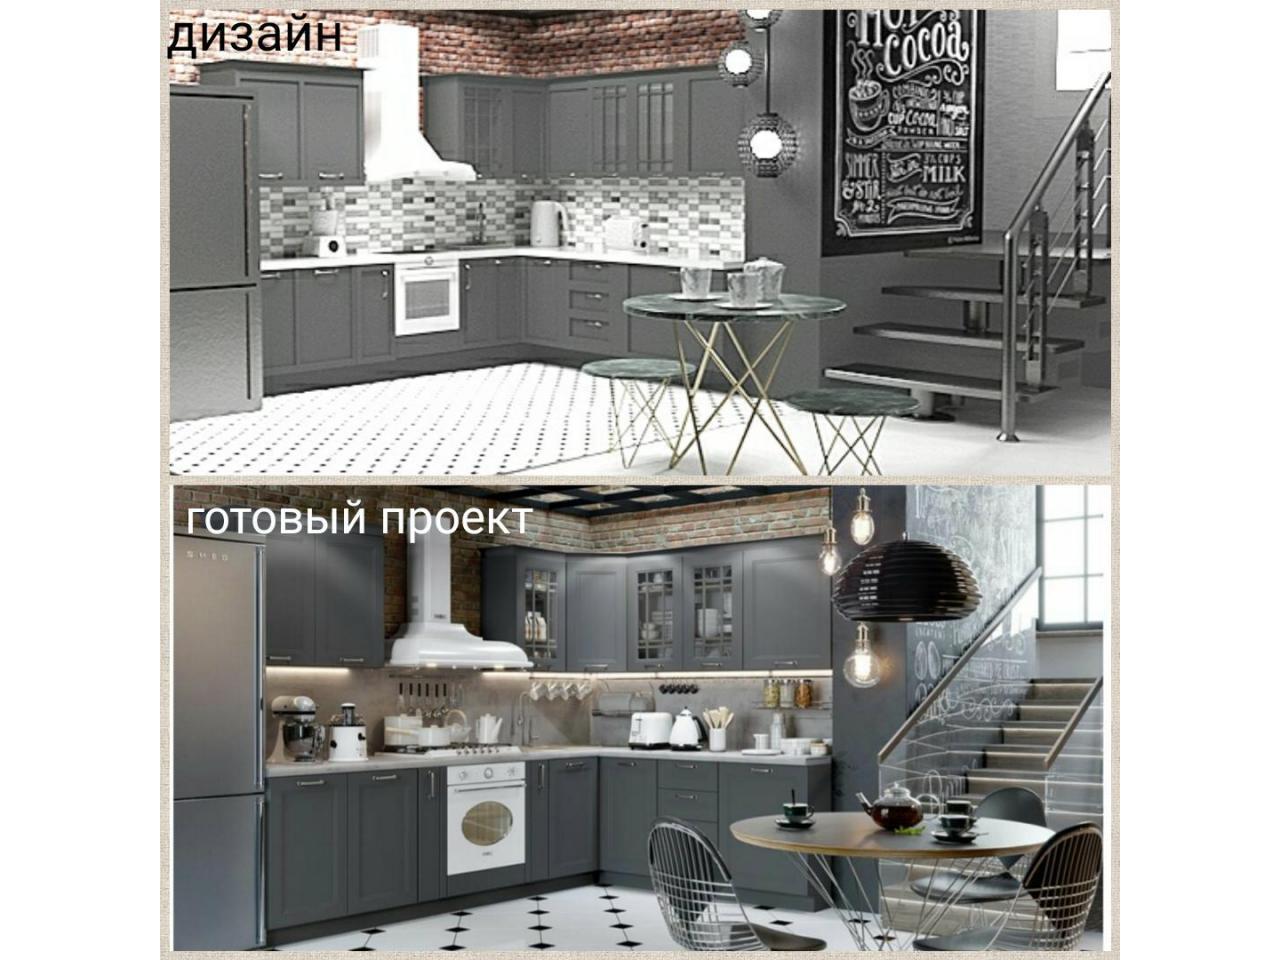 Дизайн и визуализация интерьера - 3